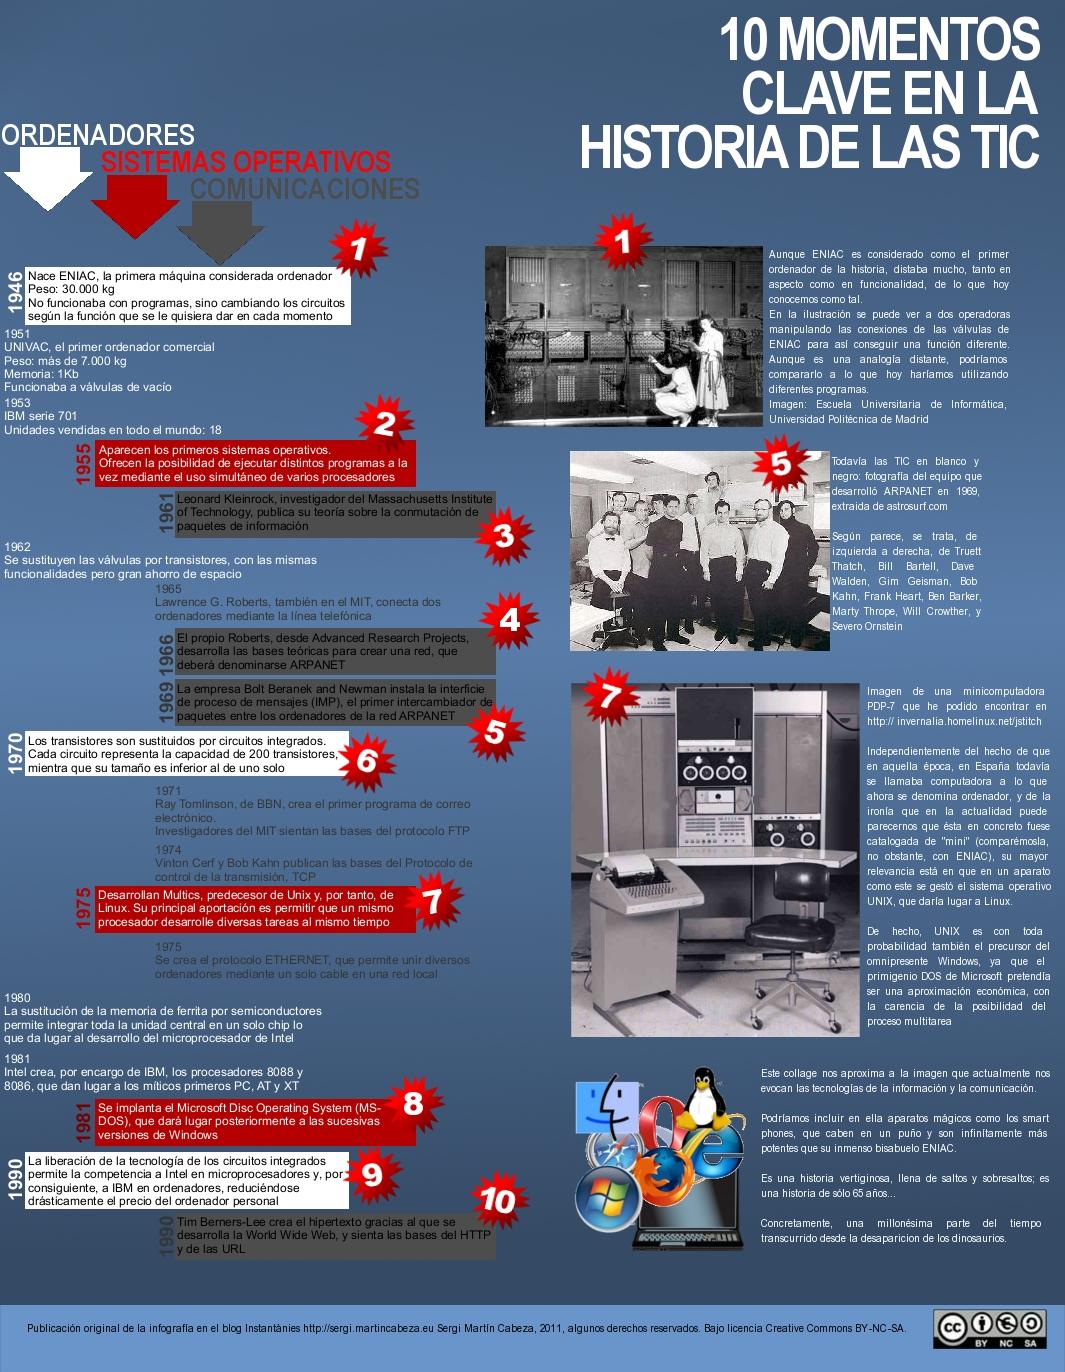 10 momentos clave en la historia de las TIC